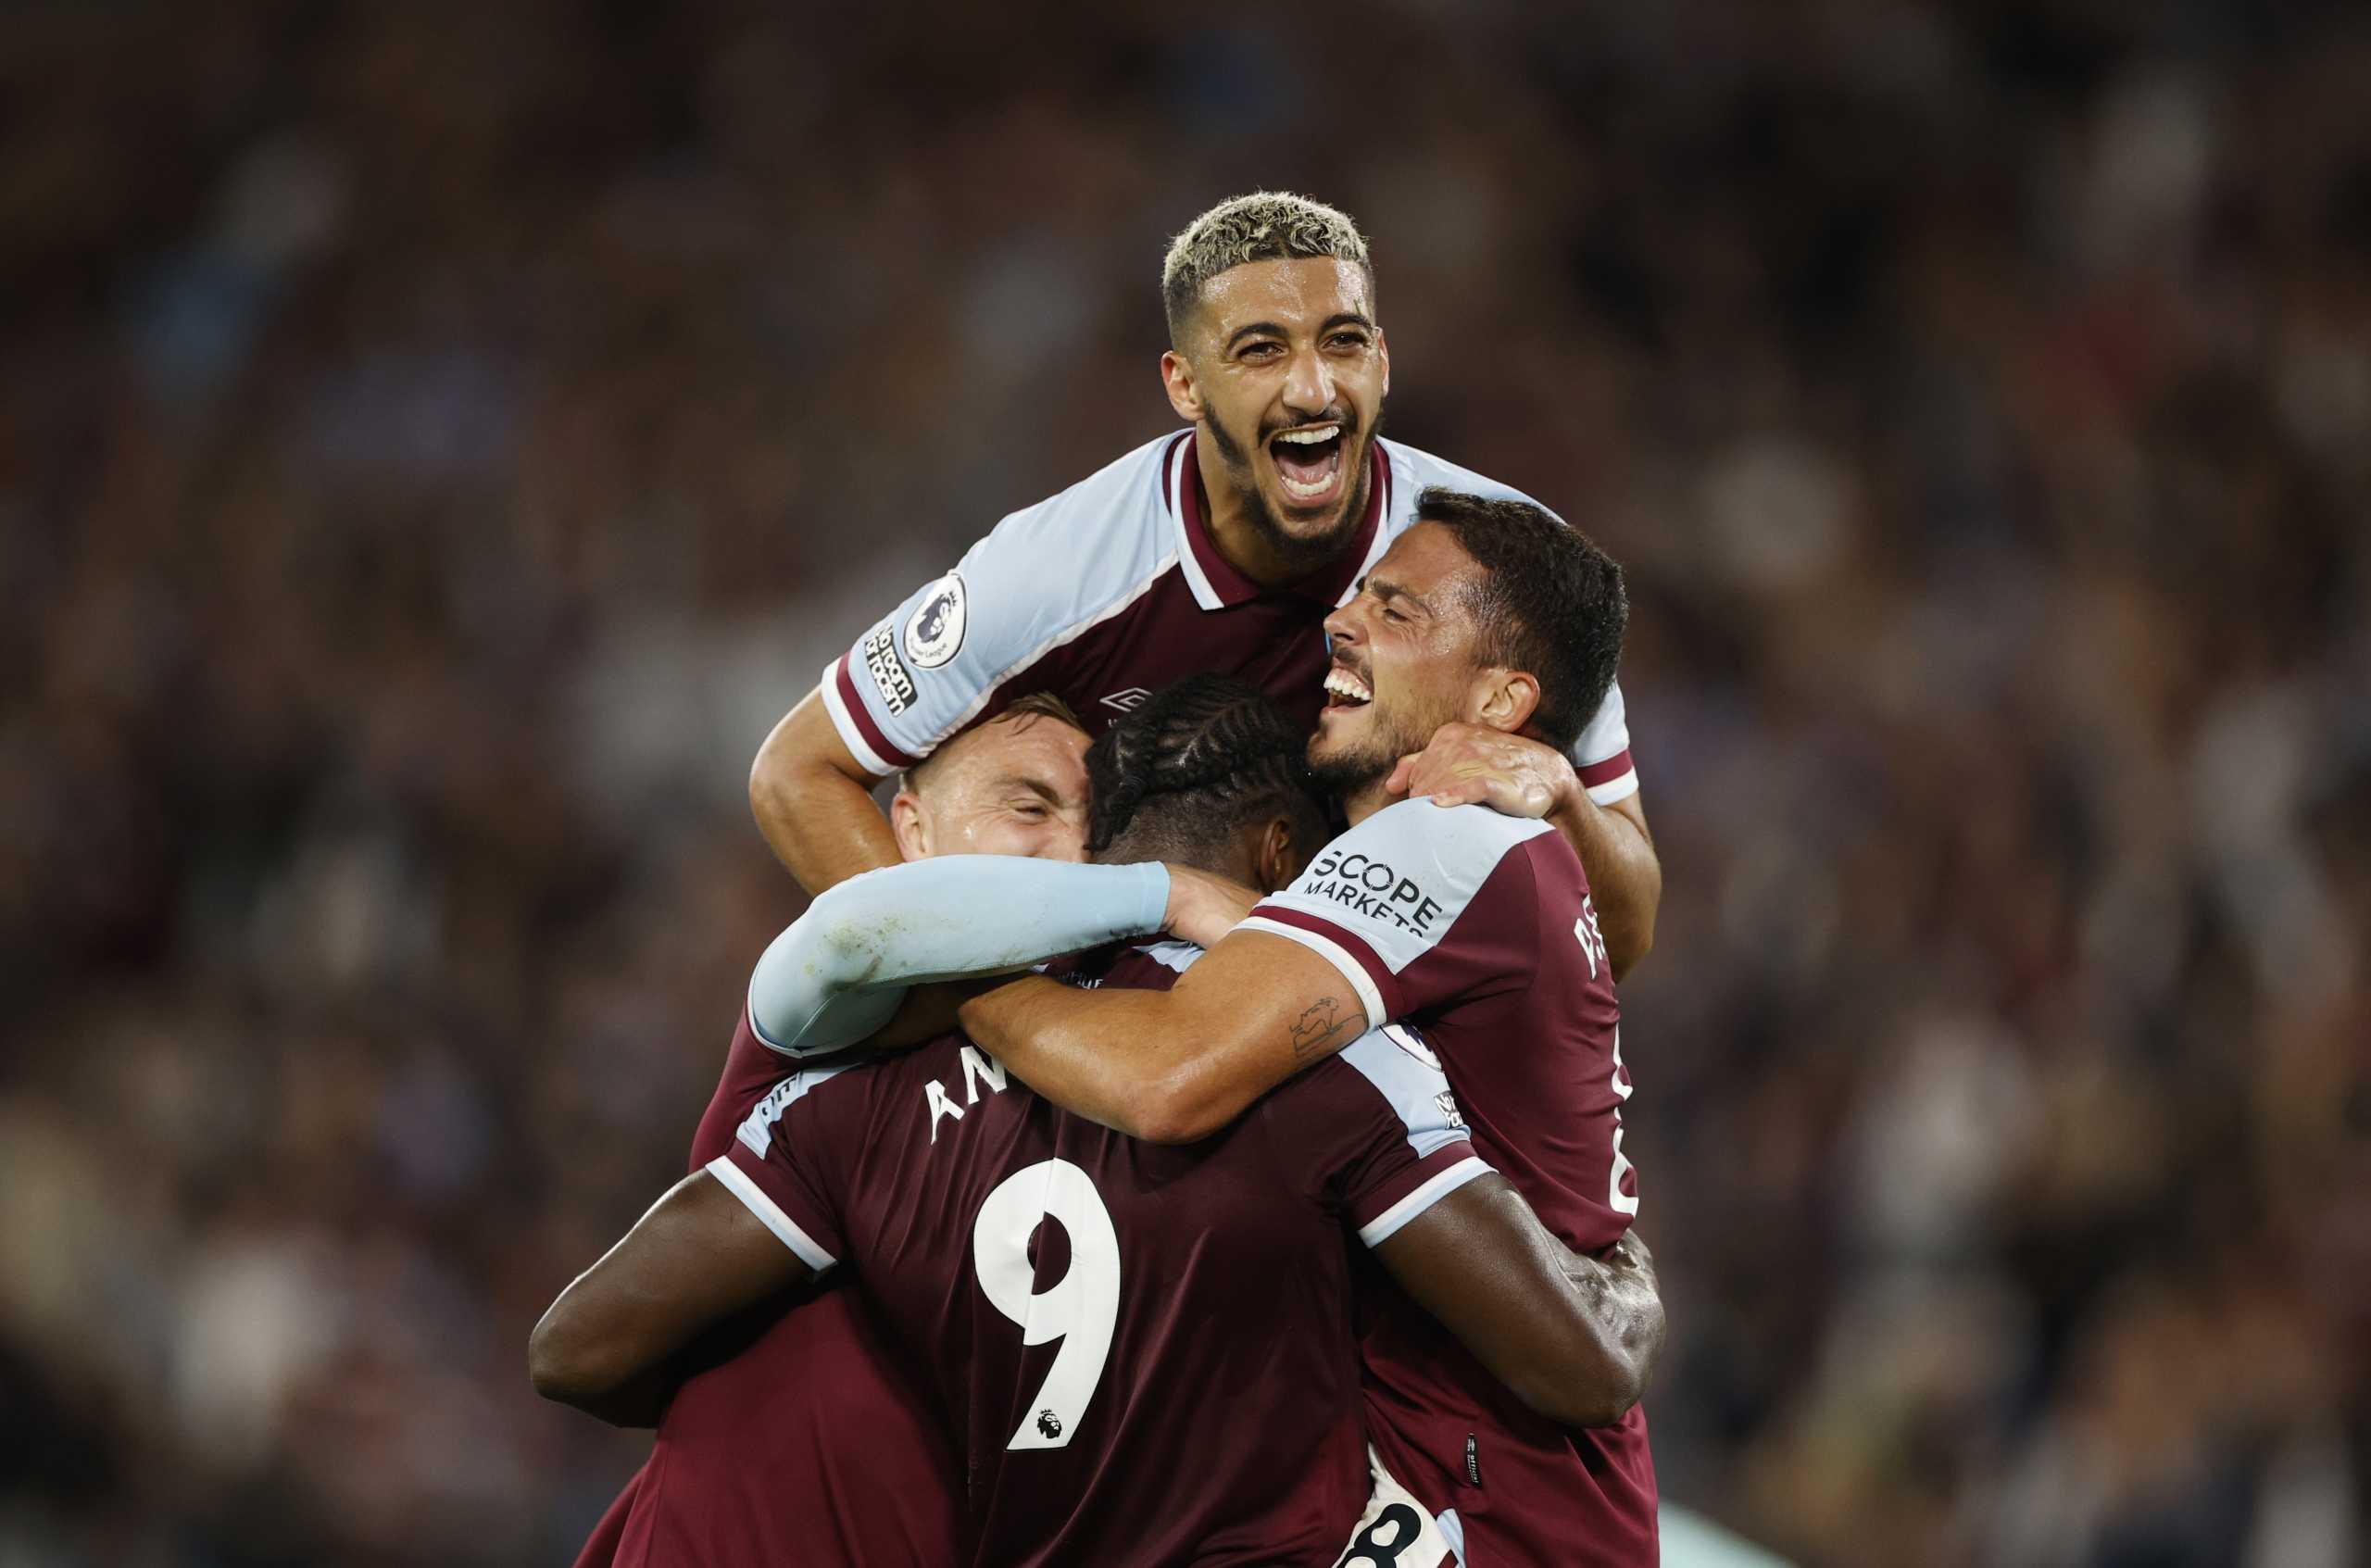 Γουέστ Χαμ – Λέστερ 4-1: Με νέα «τεσσάρα» τα σφυριά στην κορυφή της Premier League